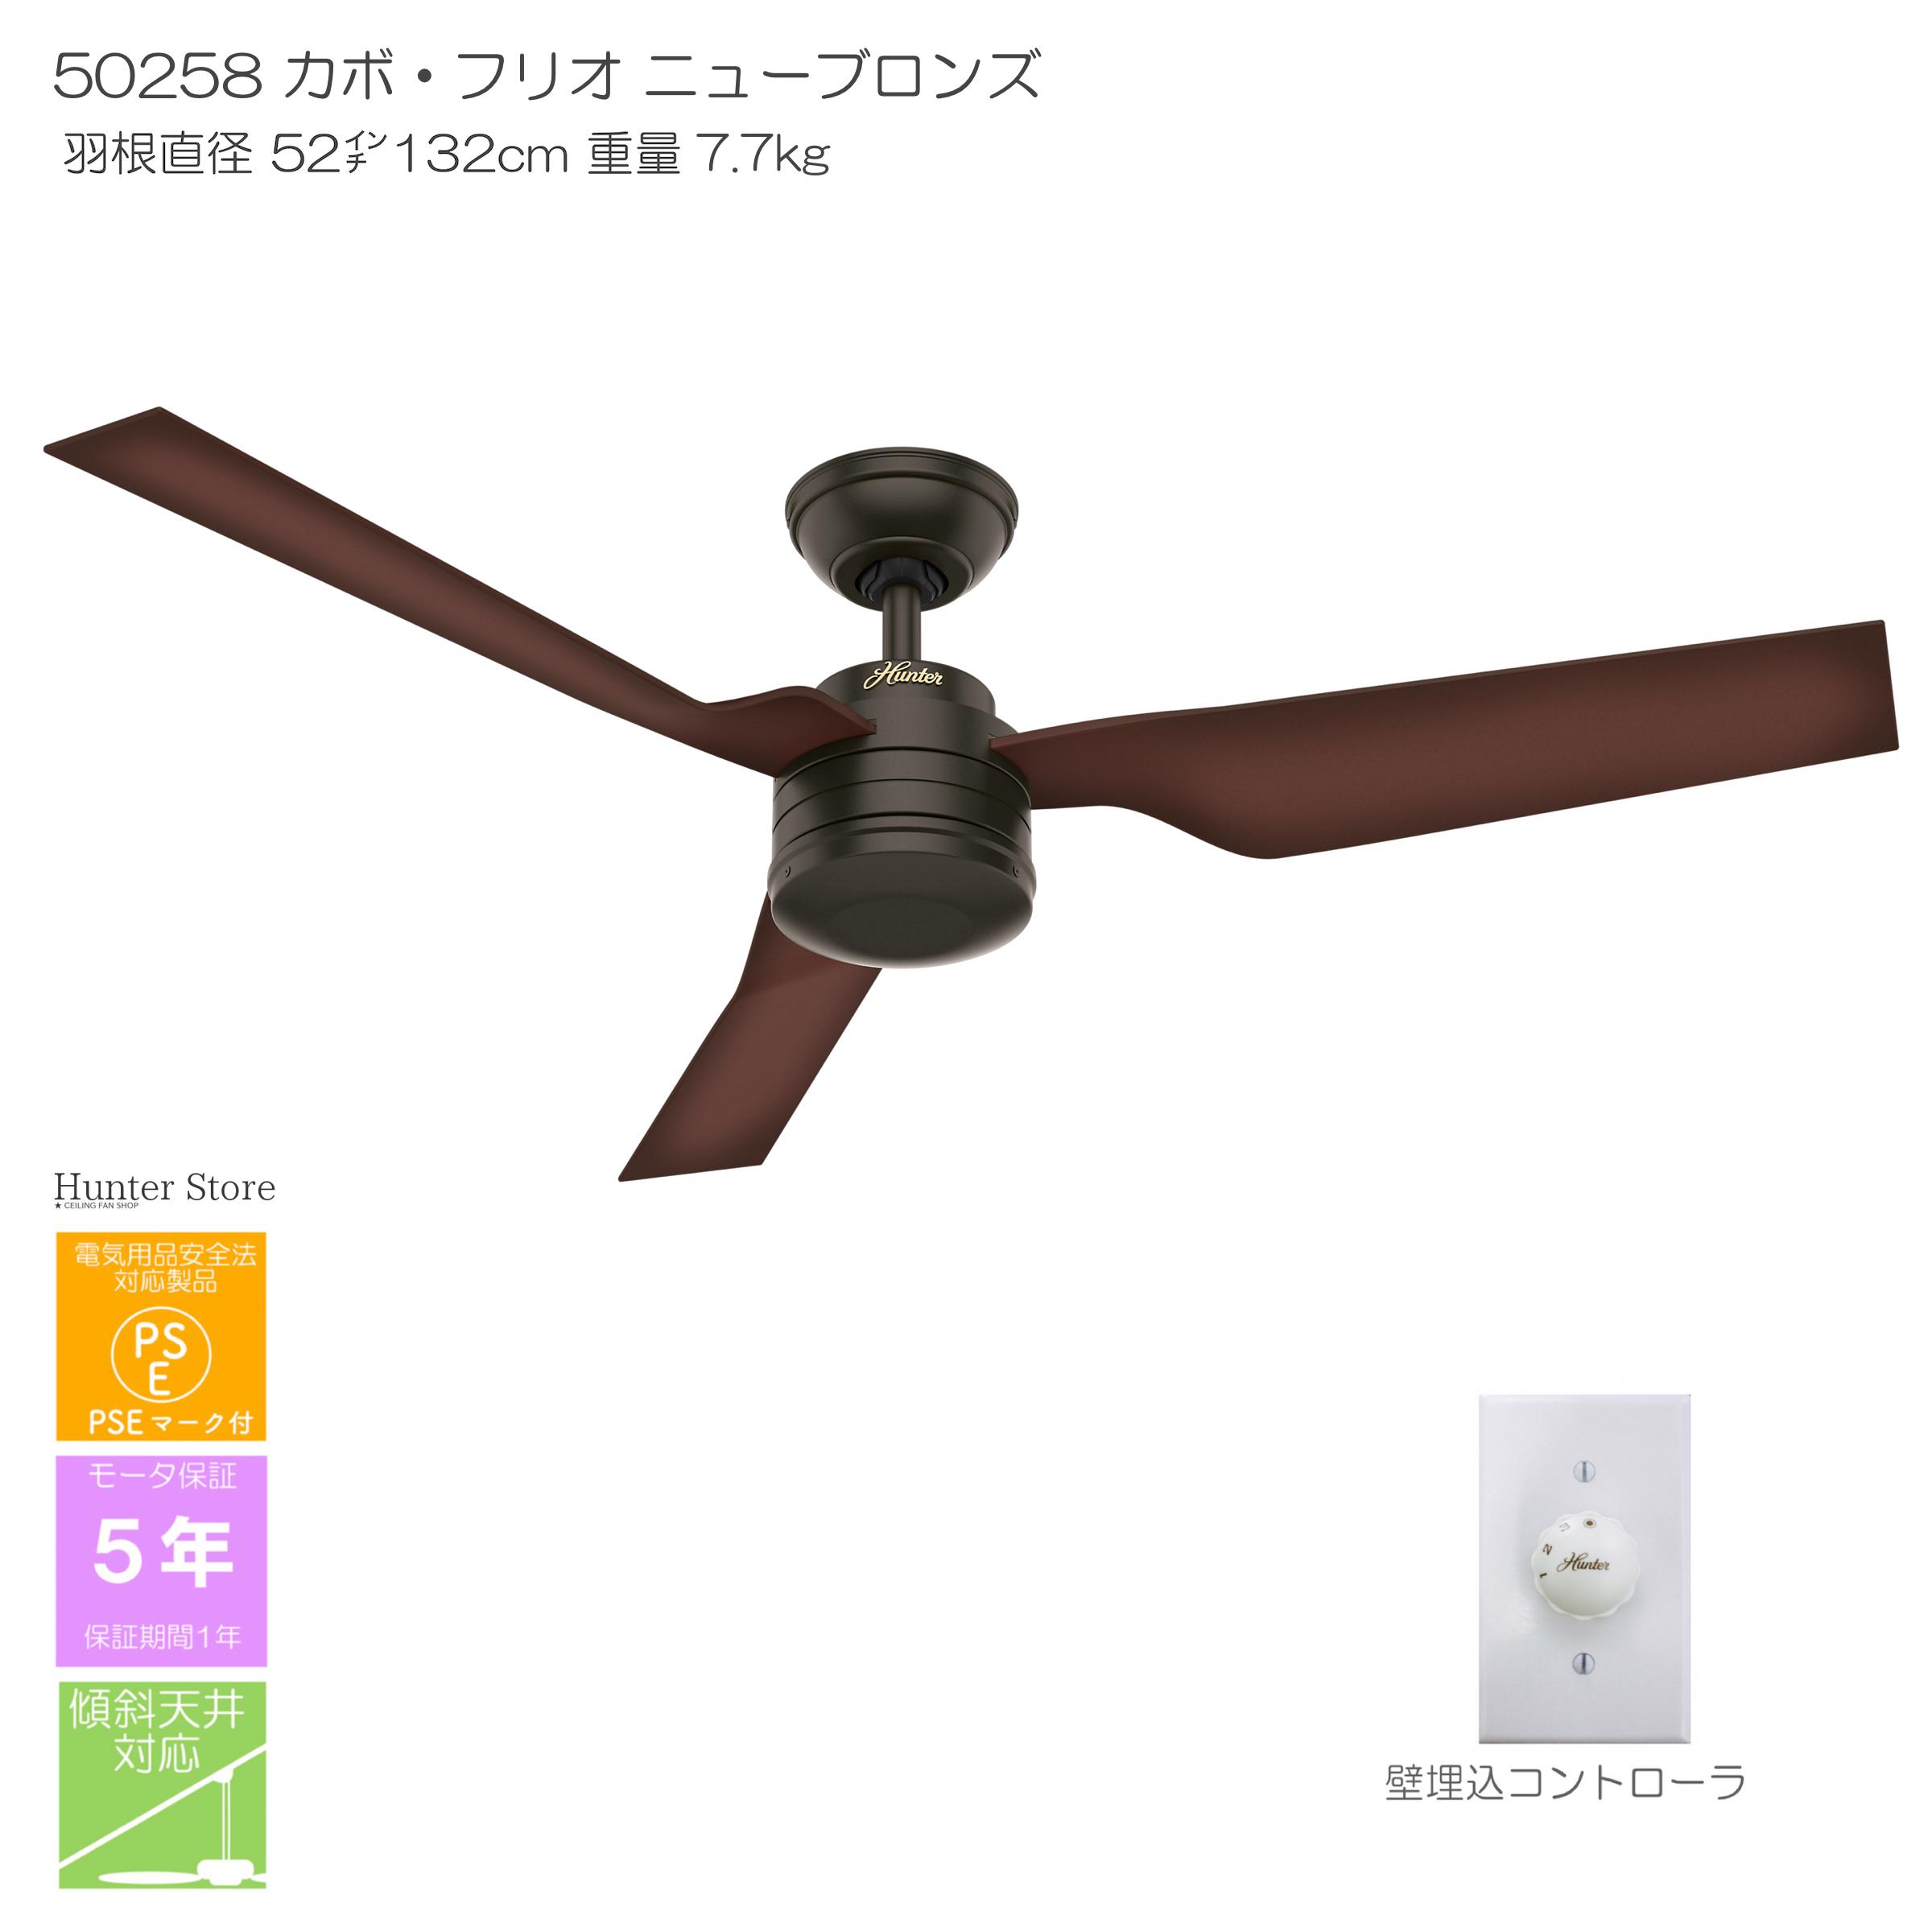 50258 カボフリオ ハンター カサブランカ シーリングファン画像 正規輸入販売 ハンターストア㈱